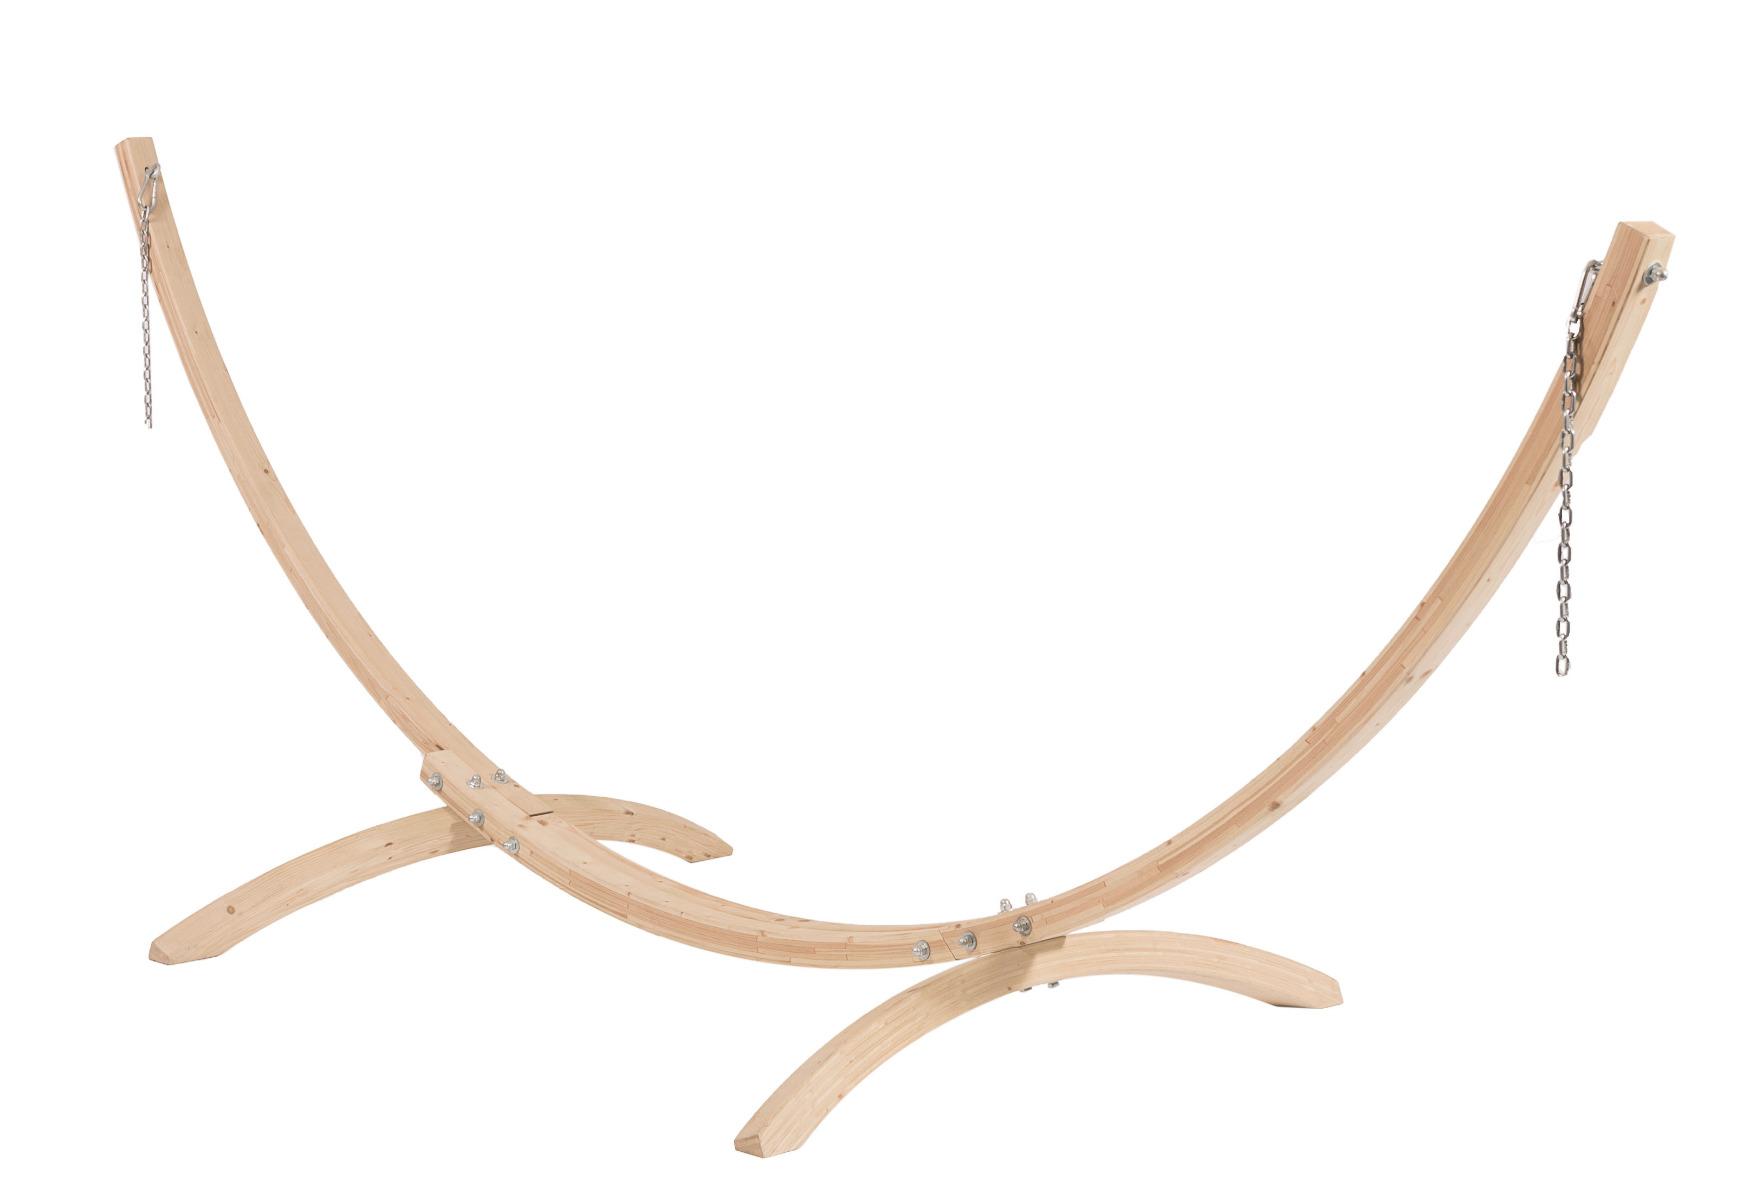 Hangmatstandaard 'Pine' éénpersoons